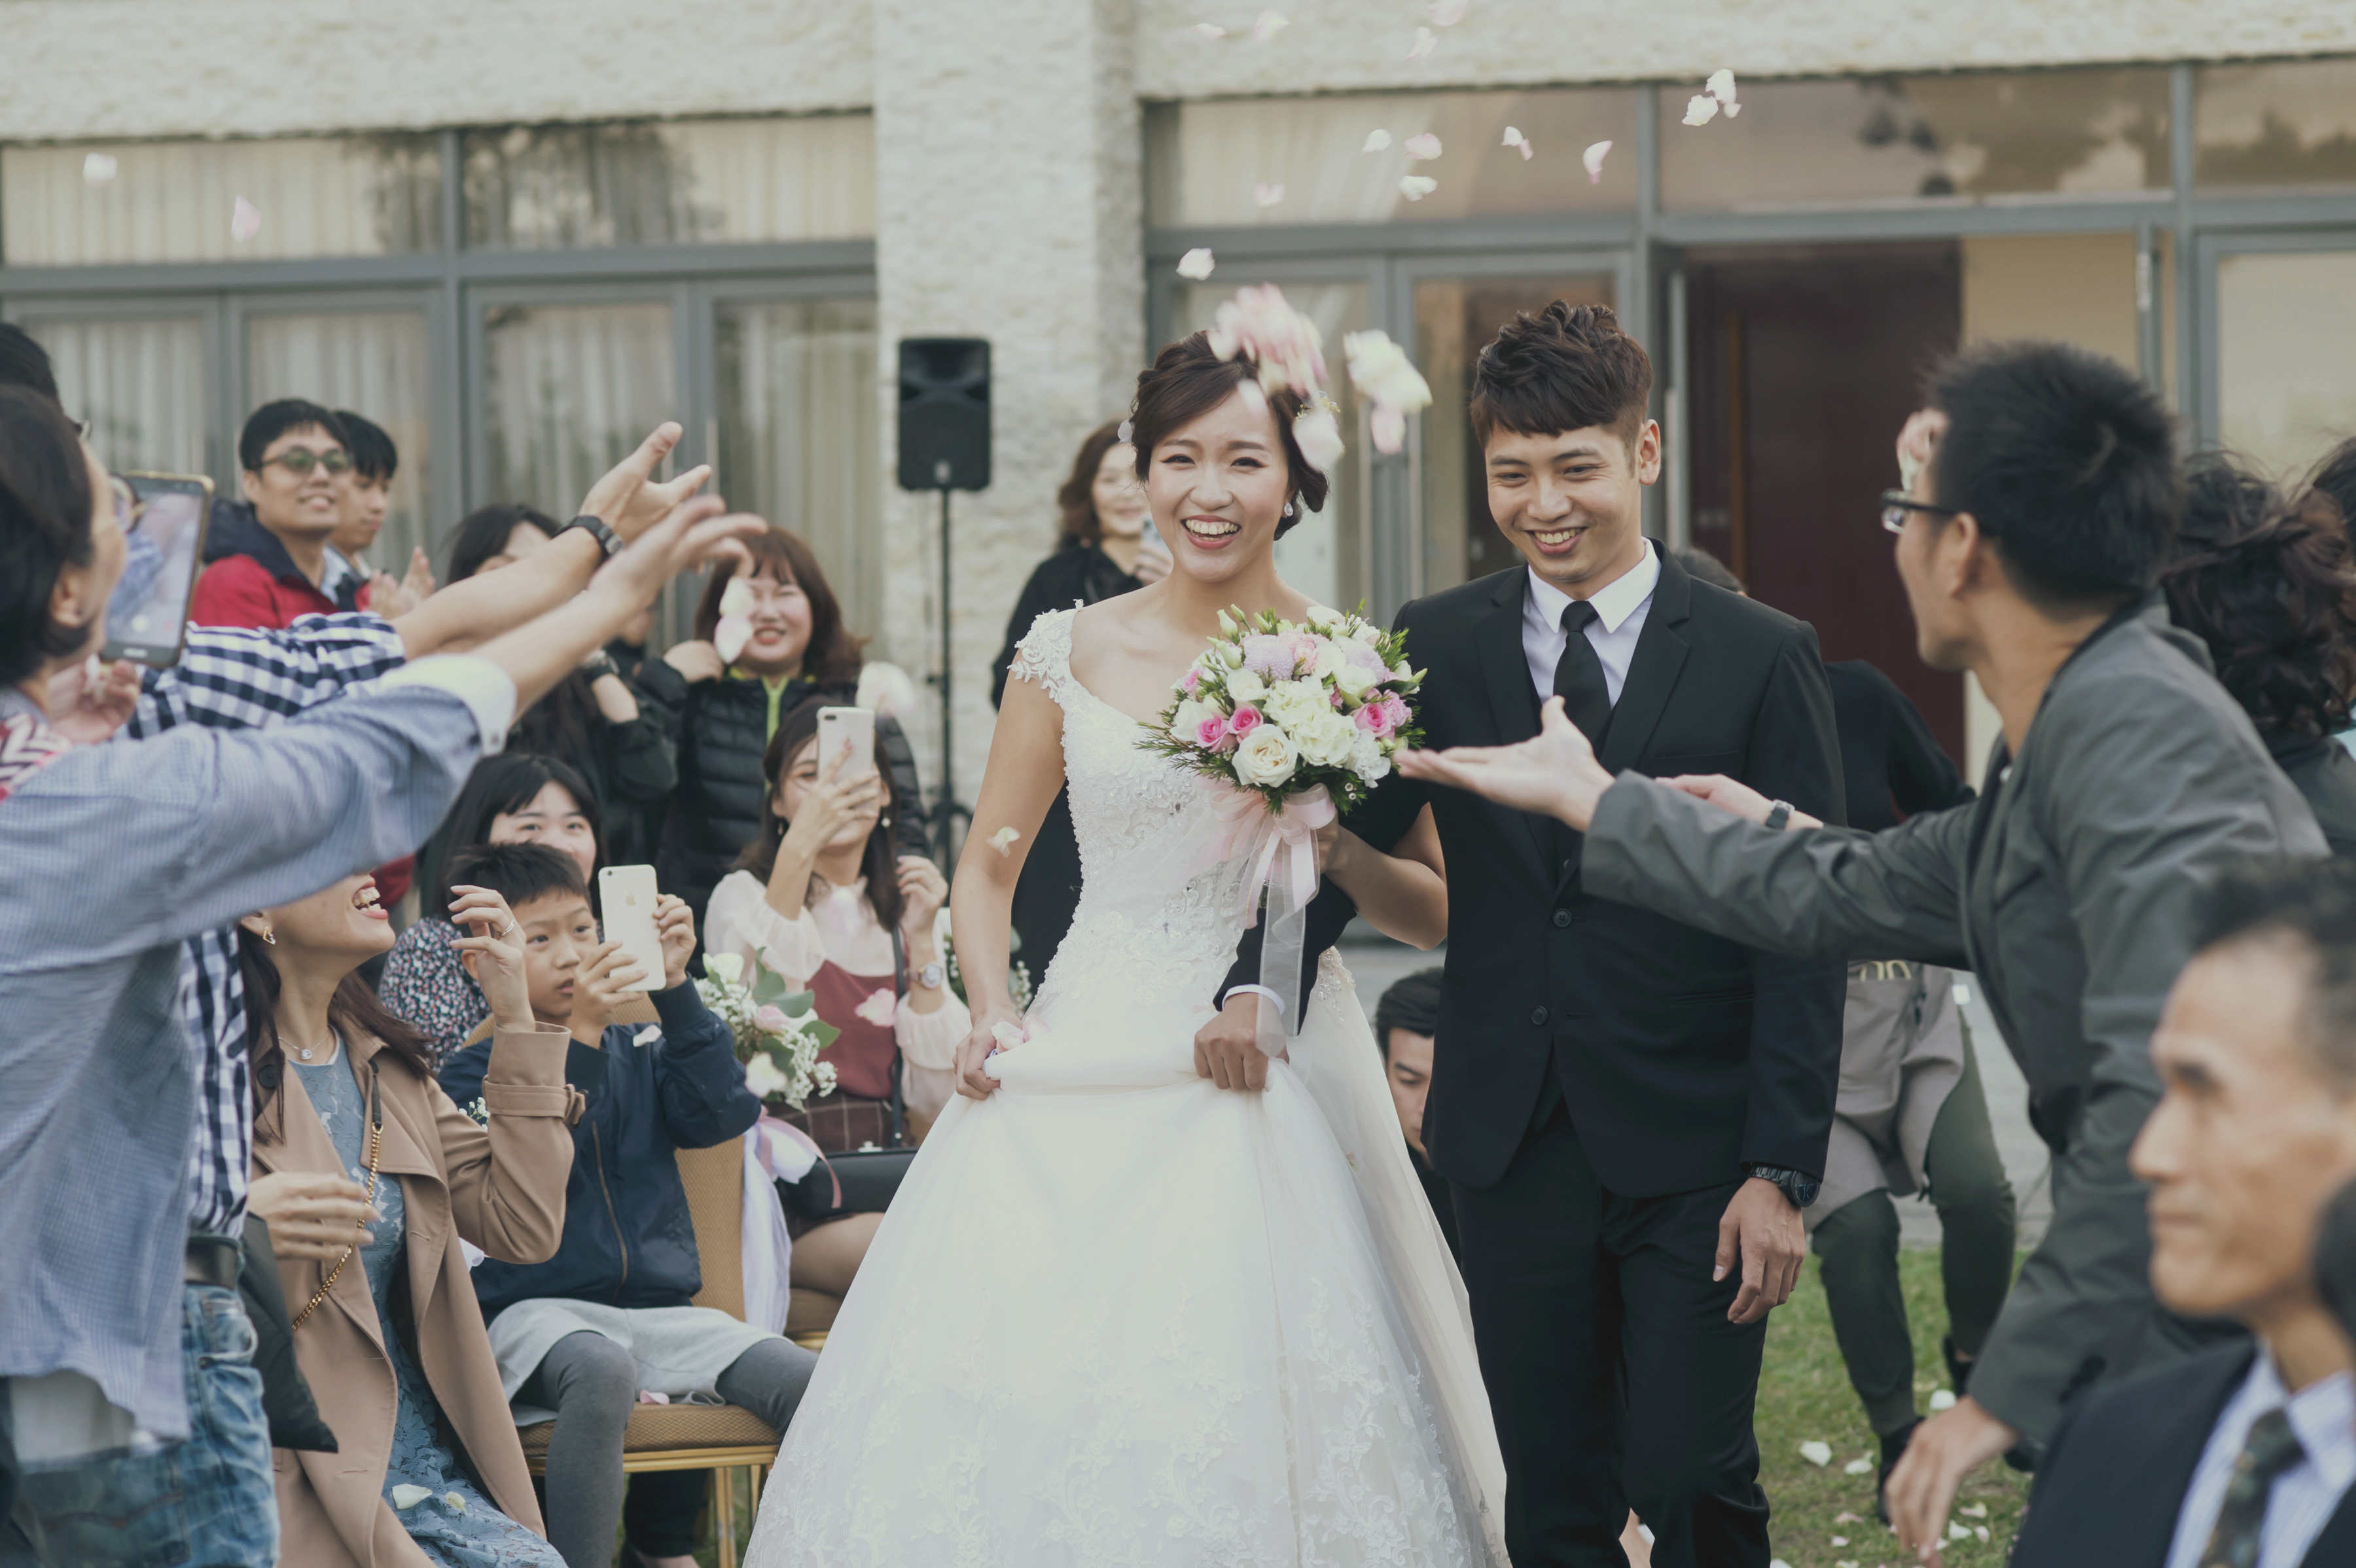 BACON, 攝影服務說明, 婚禮紀錄, 婚攝, 婚禮攝影, 婚攝培根, 南方莊園, BACON IMAGE, 戶外證婚儀式, 一巧攝影